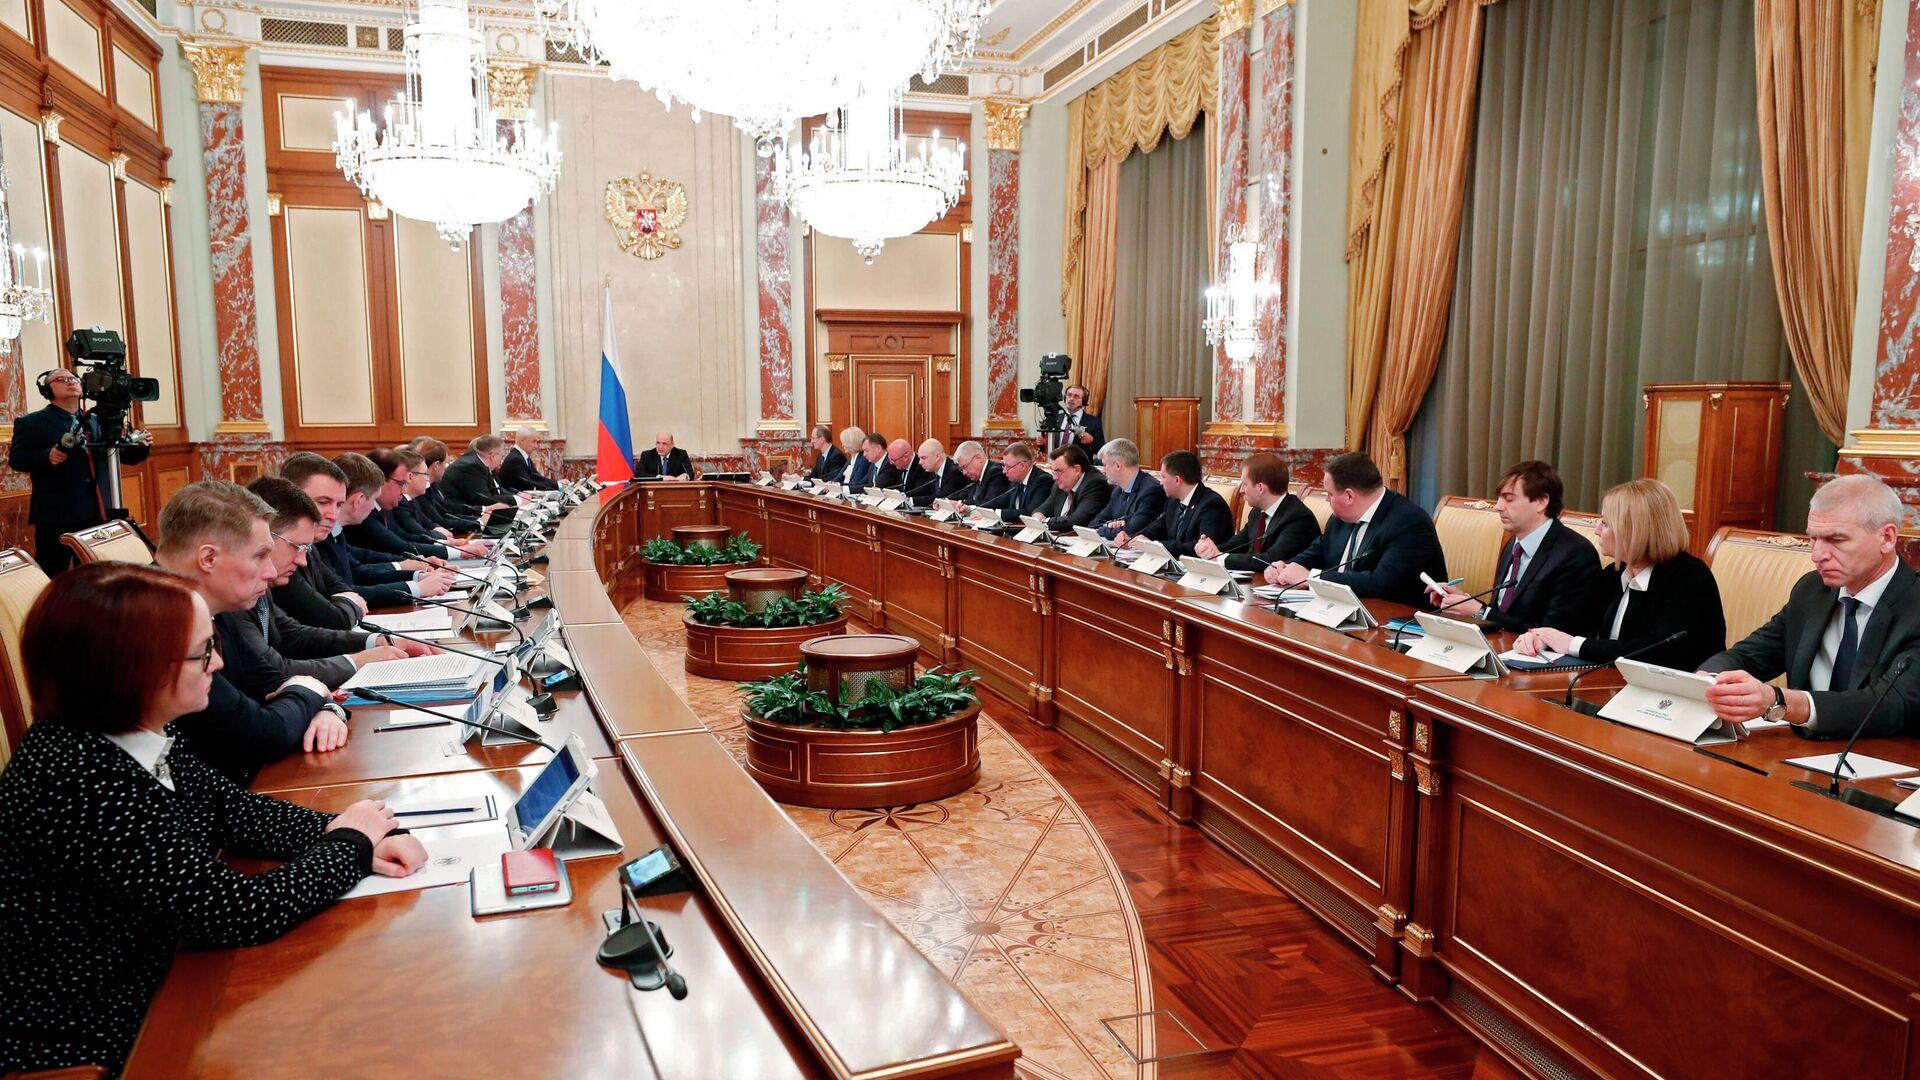 Председатель правительства РФ Михаил Мишустин проводит совещание с членами кабинета министров - РИА Новости, 1920, 09.11.2020